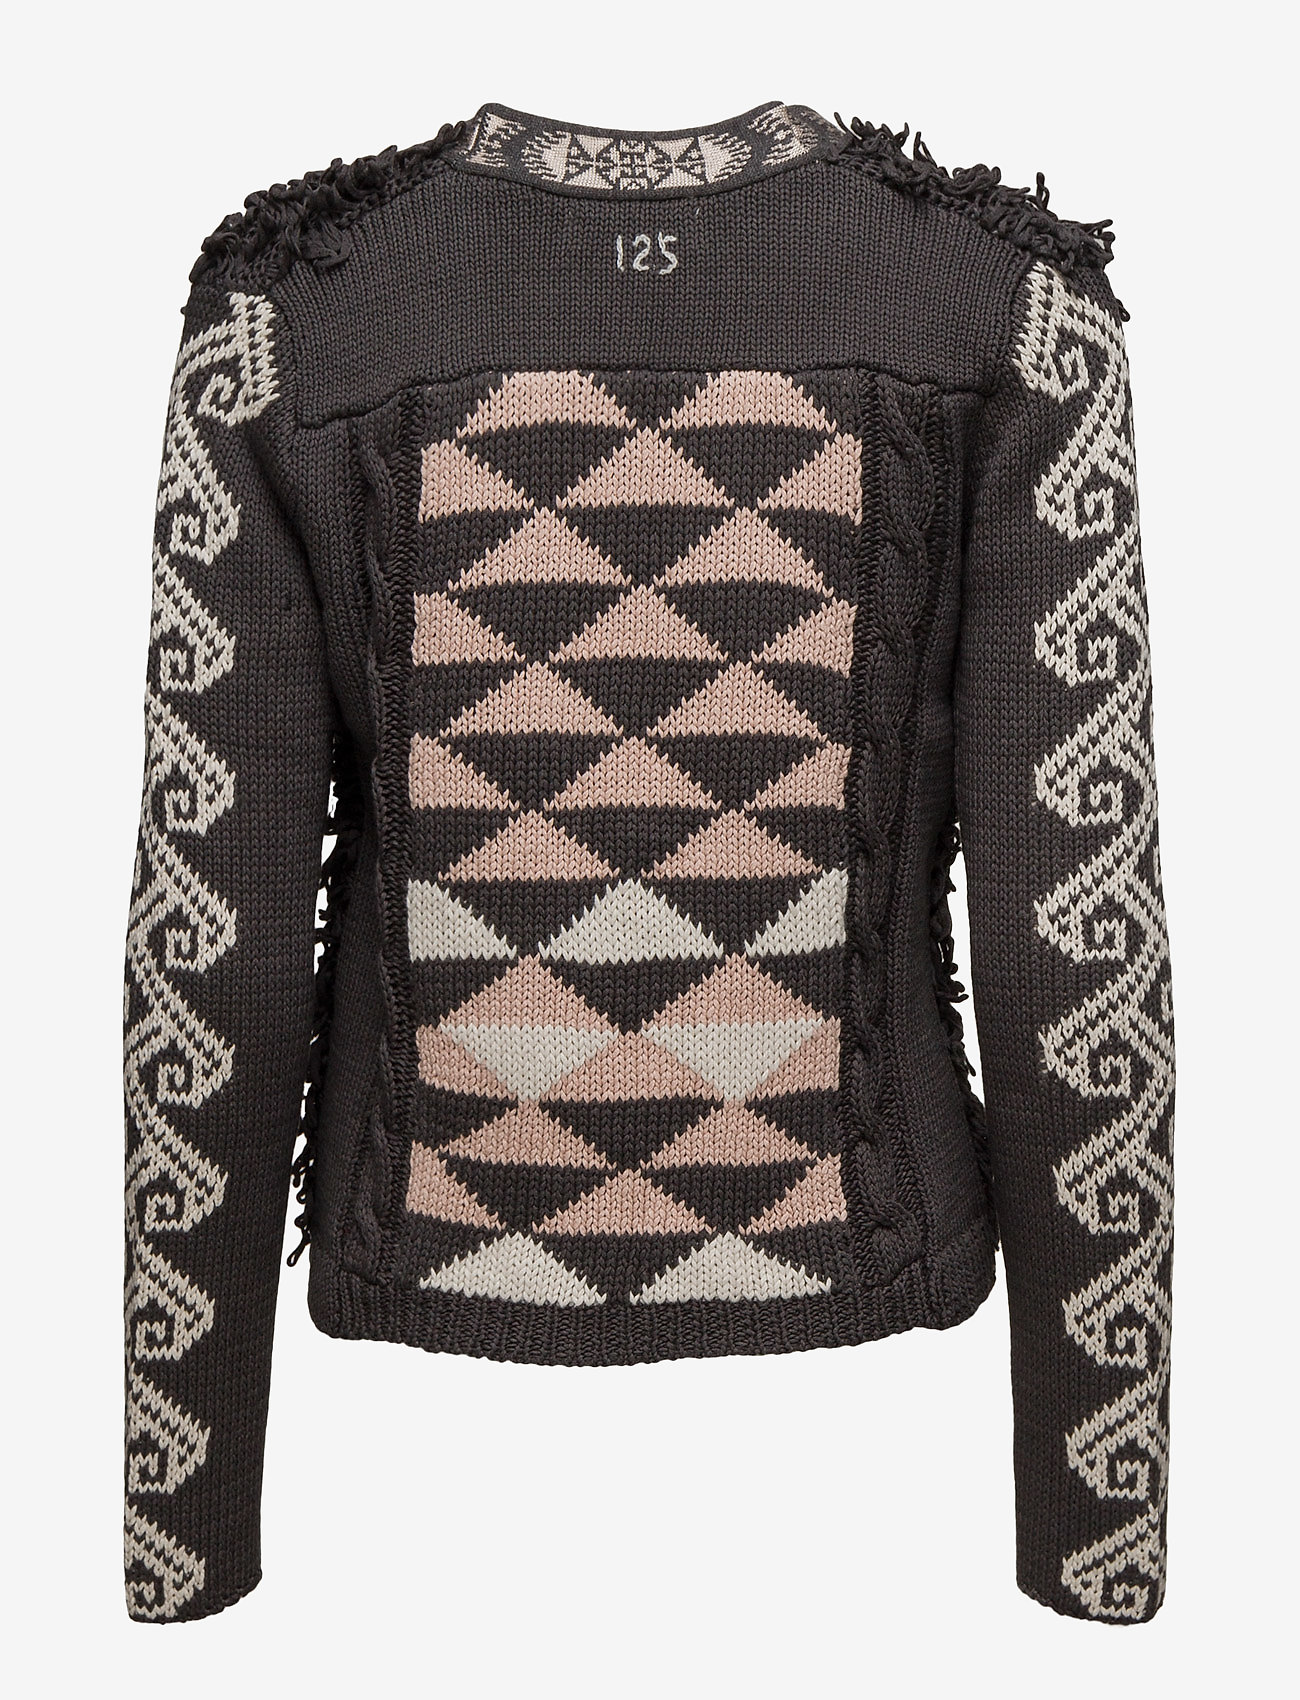 ODD MOLLY gaucho cardigan - Knitwear ASPHALT